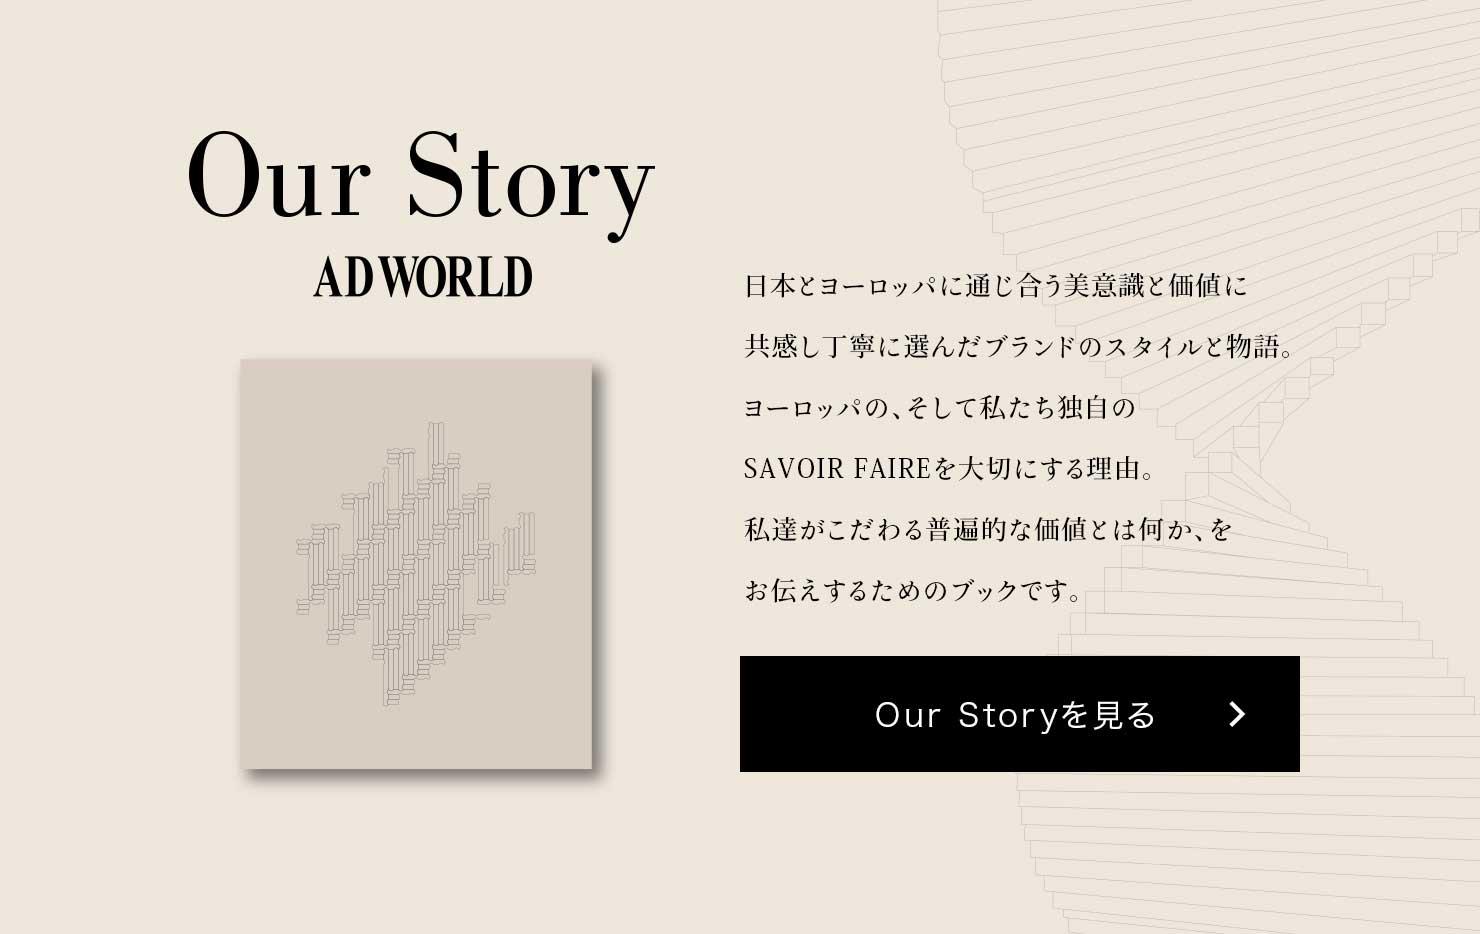 Our Story ADWORLD 日本とヨーロッパに通じ合う美意識と価値に共感し丁寧に選んだブランドのスタイルと物語。ヨーロッパの、そして私たち独自のSAVOIR FAIREを大切にする理由。私達がこだわる普遍的な価値とは何か、をお伝えするためのブックです。 Our Storyを見る